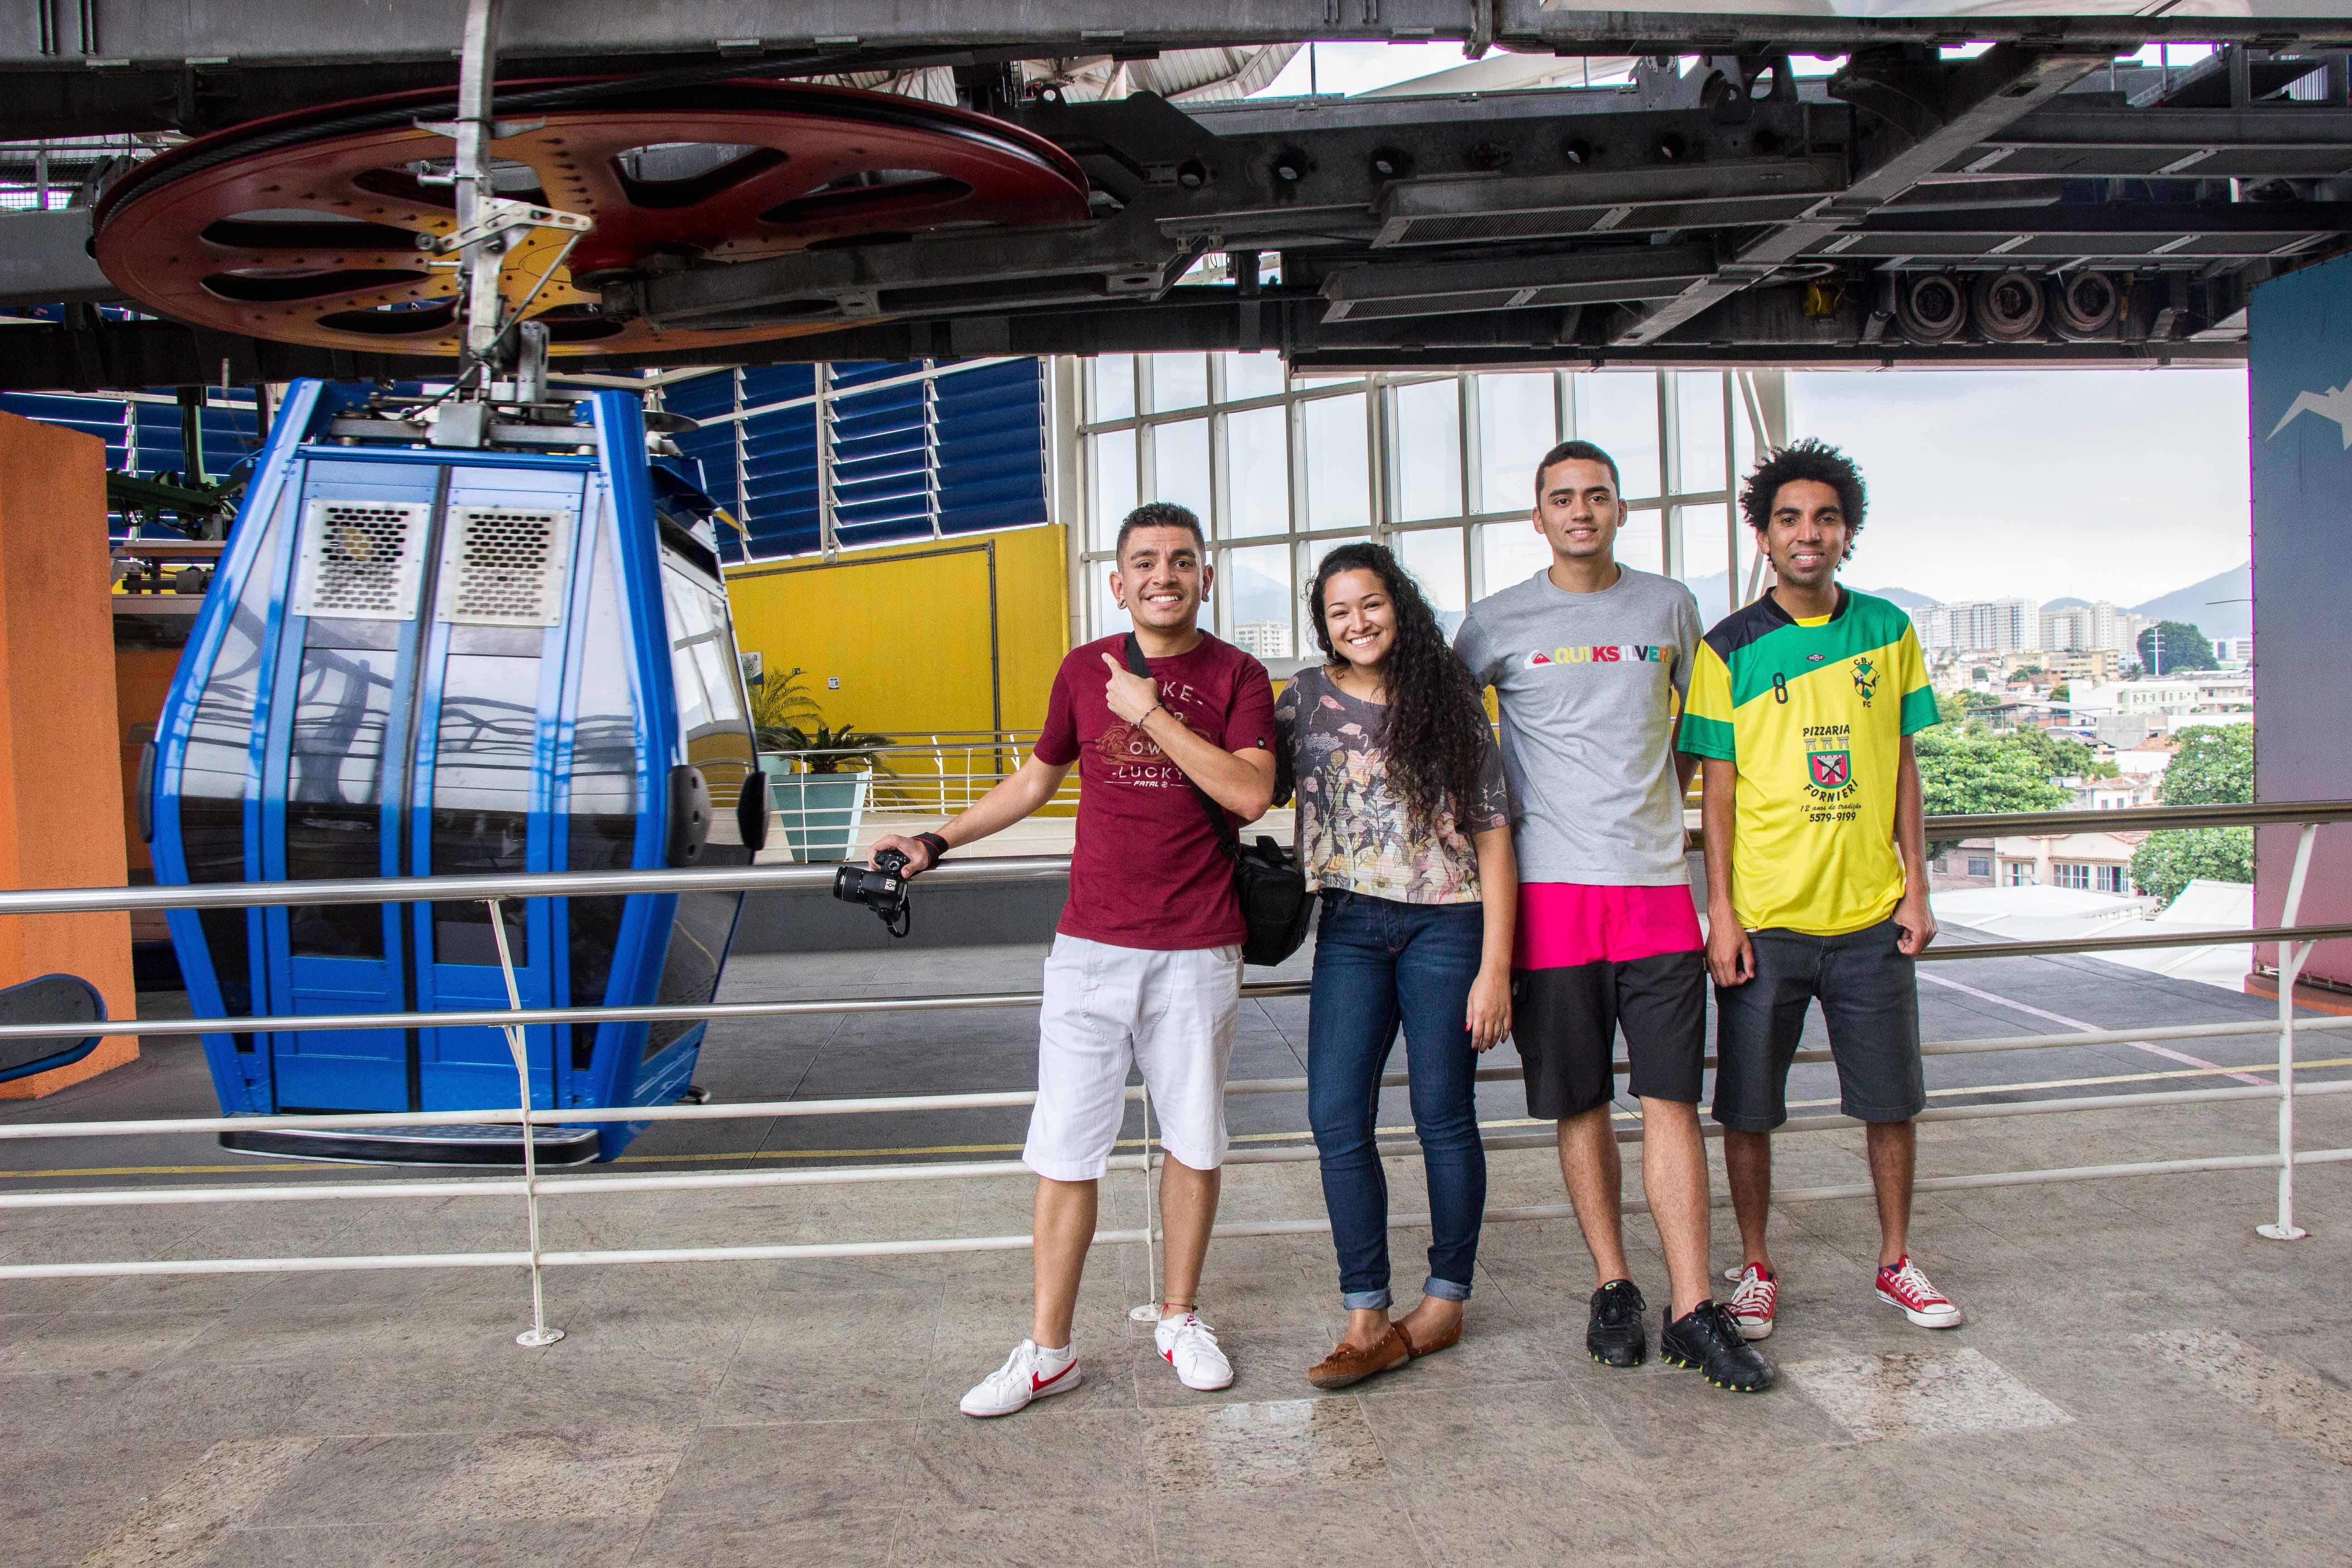 Os jovens conheceram o famoso - Foto: Renato Moura